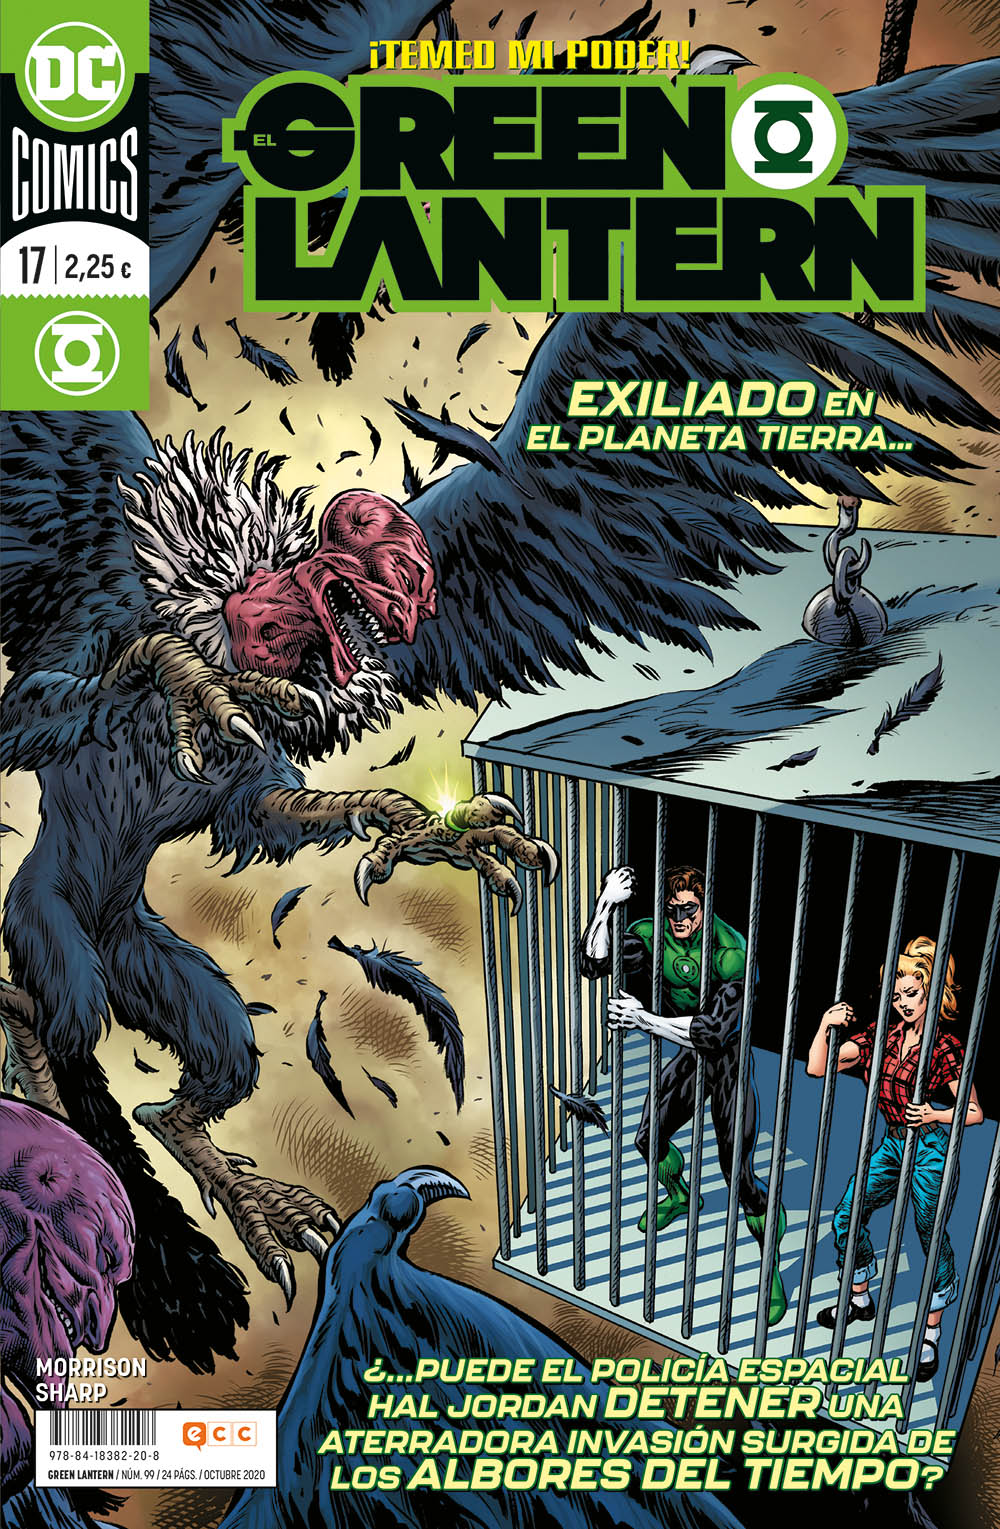 Green Lantern núm. 99/ 17